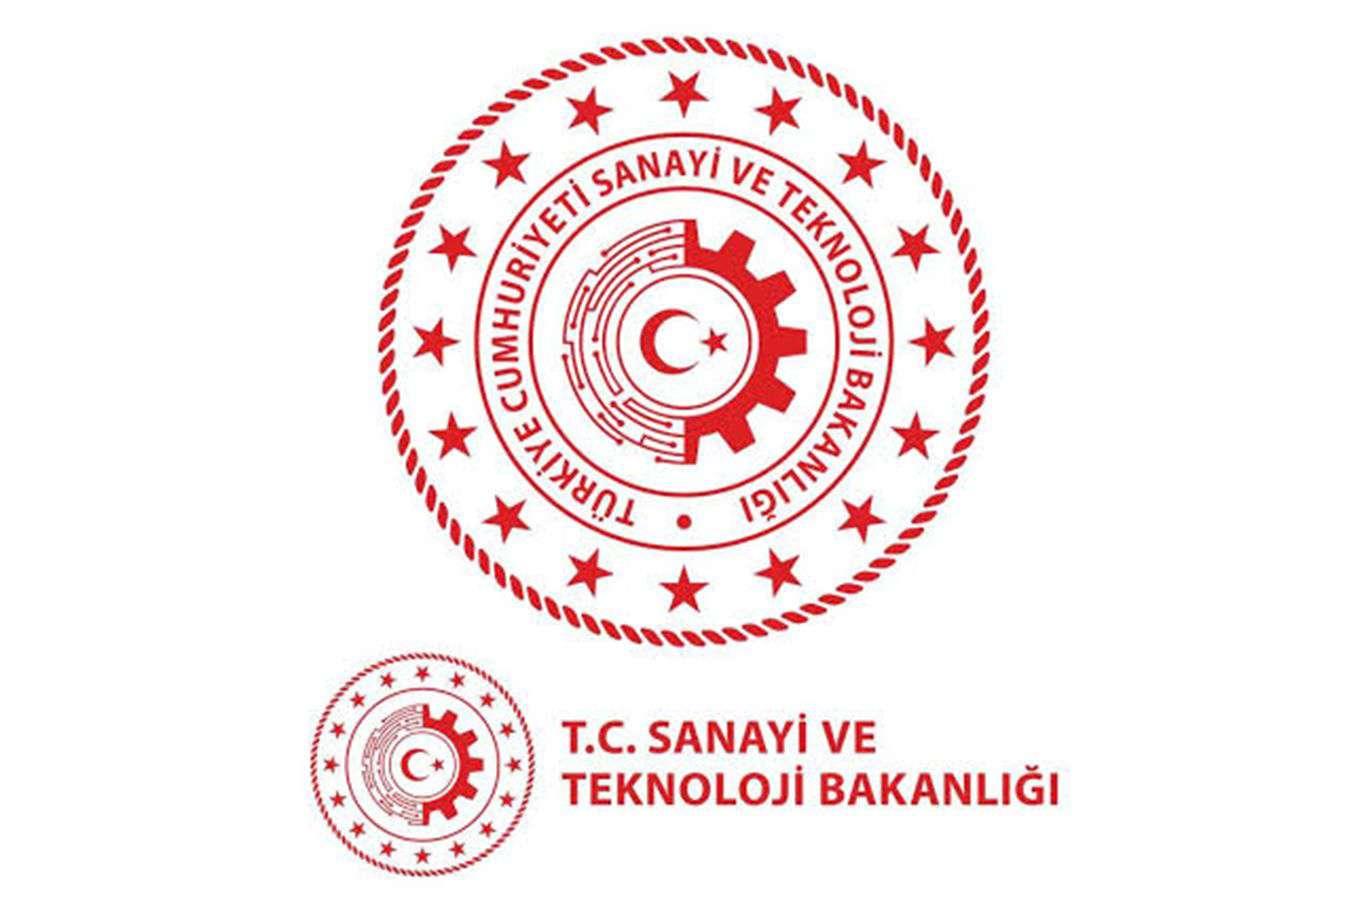 Sanayi ve Teknoloji Bakanlığı: Temmuzda 672 yatırım teşvik belgesi verildi